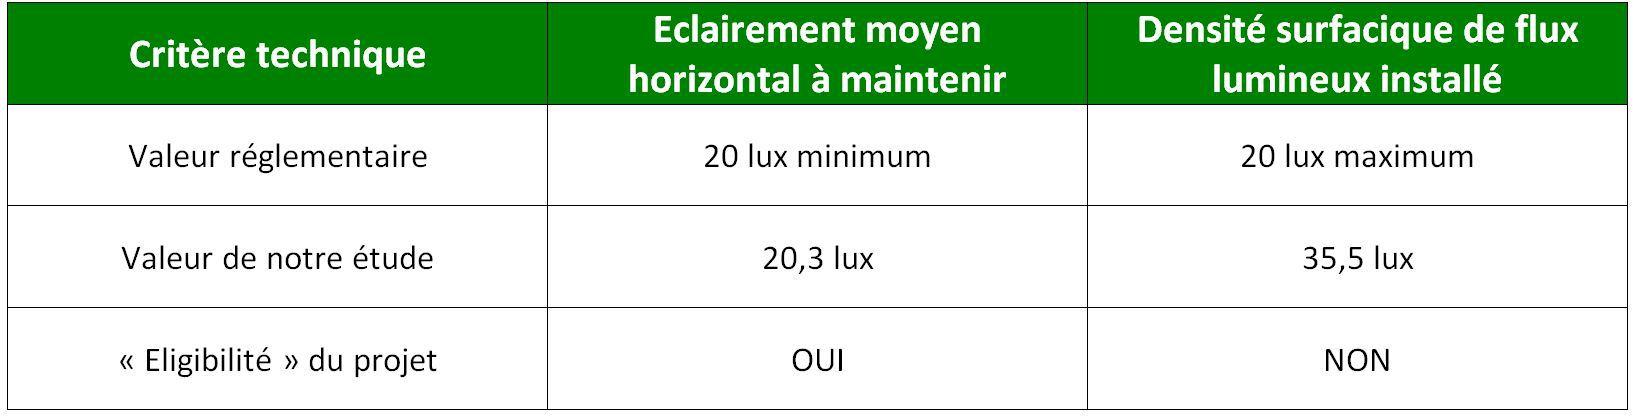 Critère technique, éclairement moyen horizontal et densité surfacique de flux lumineux installé